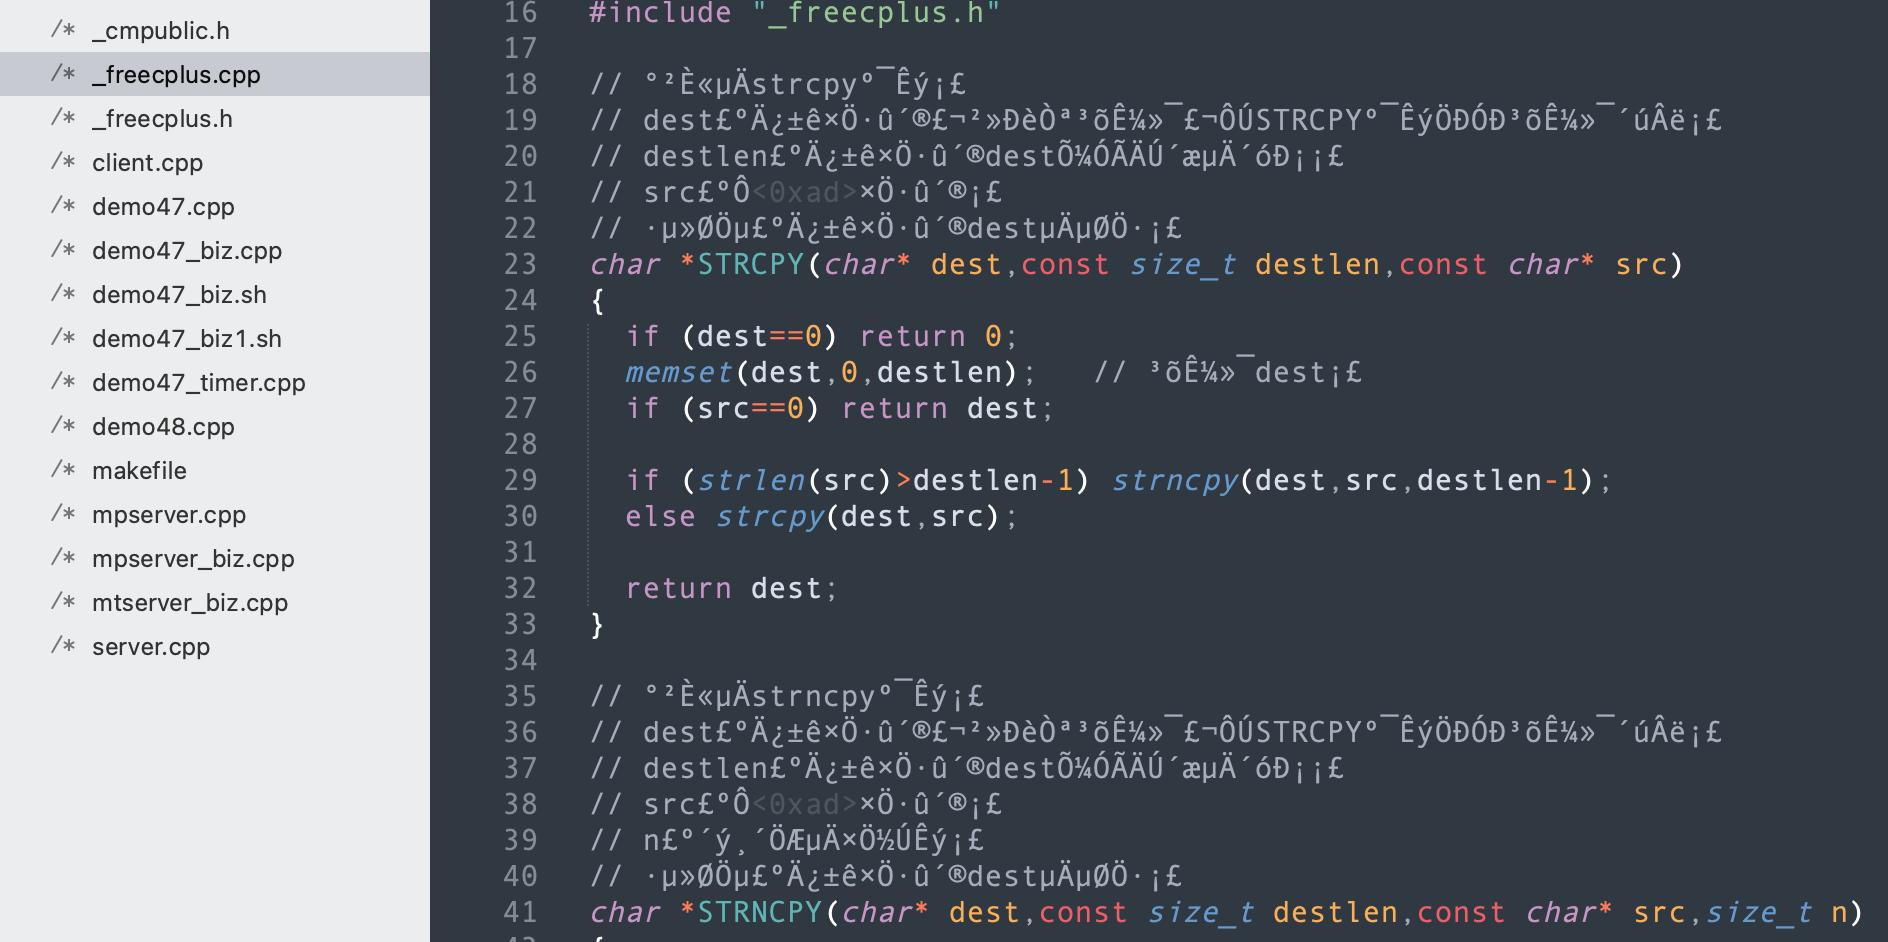 Mac OS批量文件编码转换(eg. GBK to UTF-8)